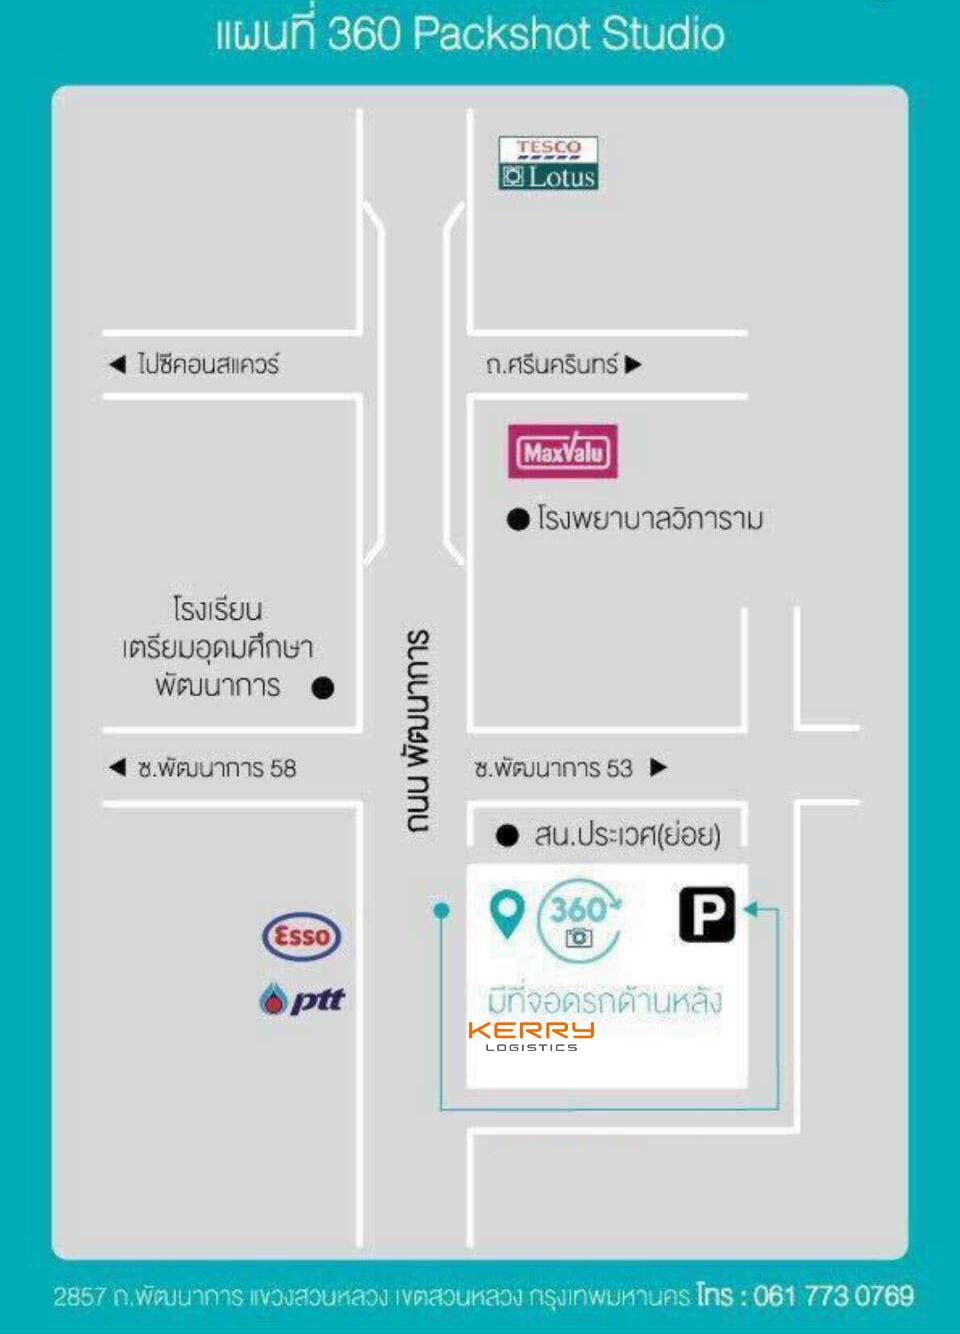 แผนที่สตูดิโอถ่ายรูปสินค้า 360 Packshot Studio บนถนน พัฒนาการ กรุงเทพ